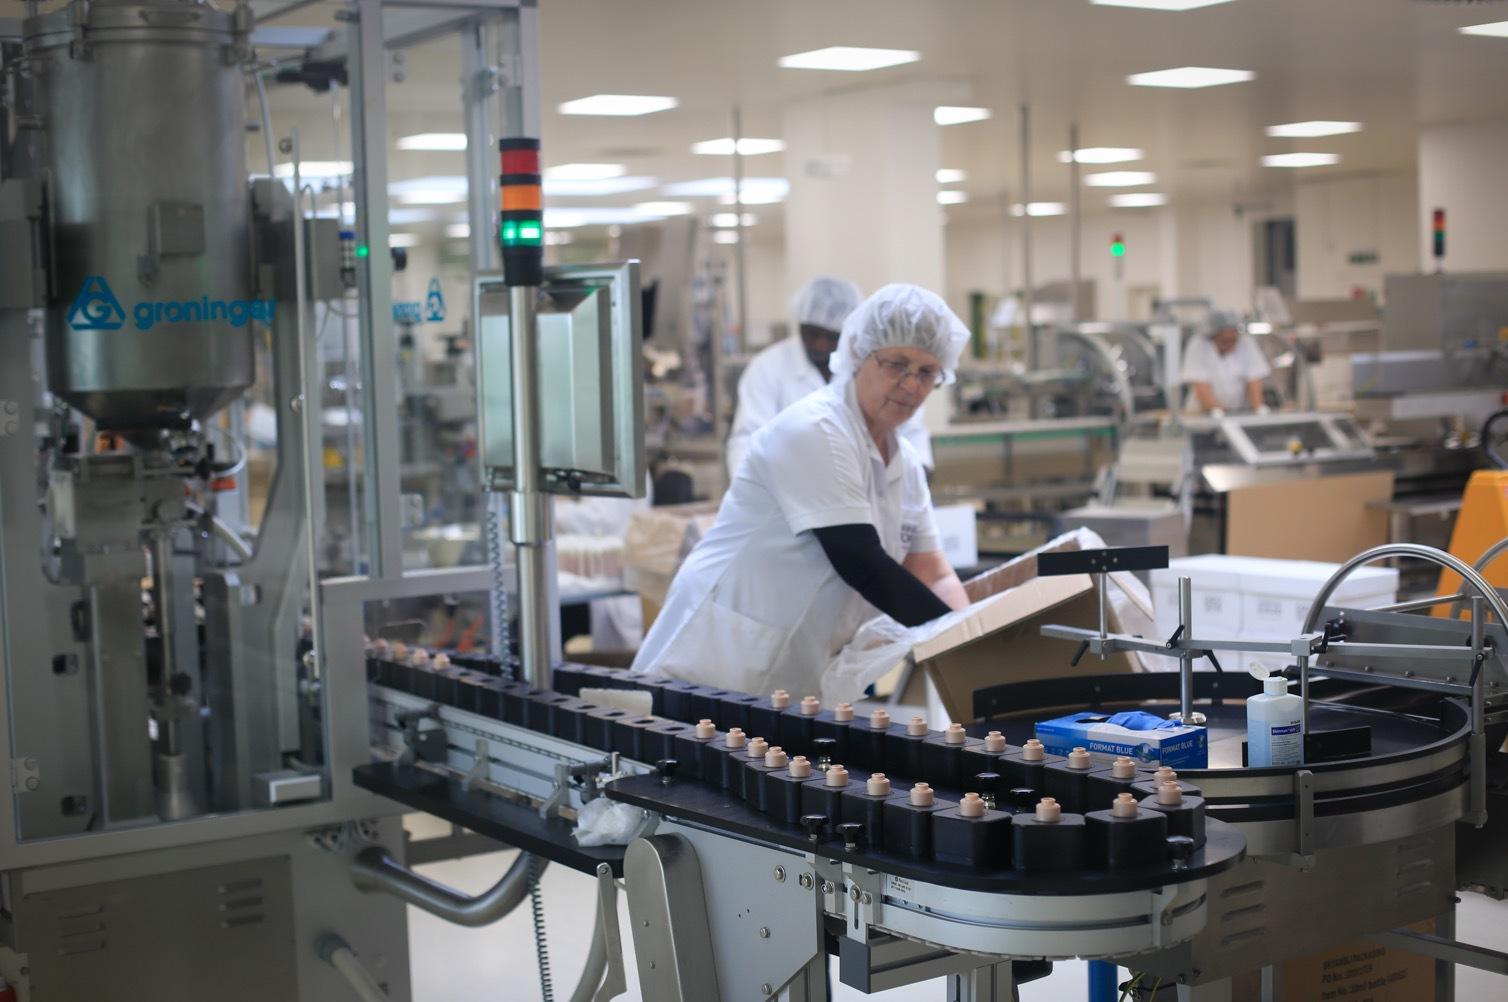 Annemarie Börlind tillverkar alla produkterna i sin egen fabrik i Calw Altburg i södra Tyskland.